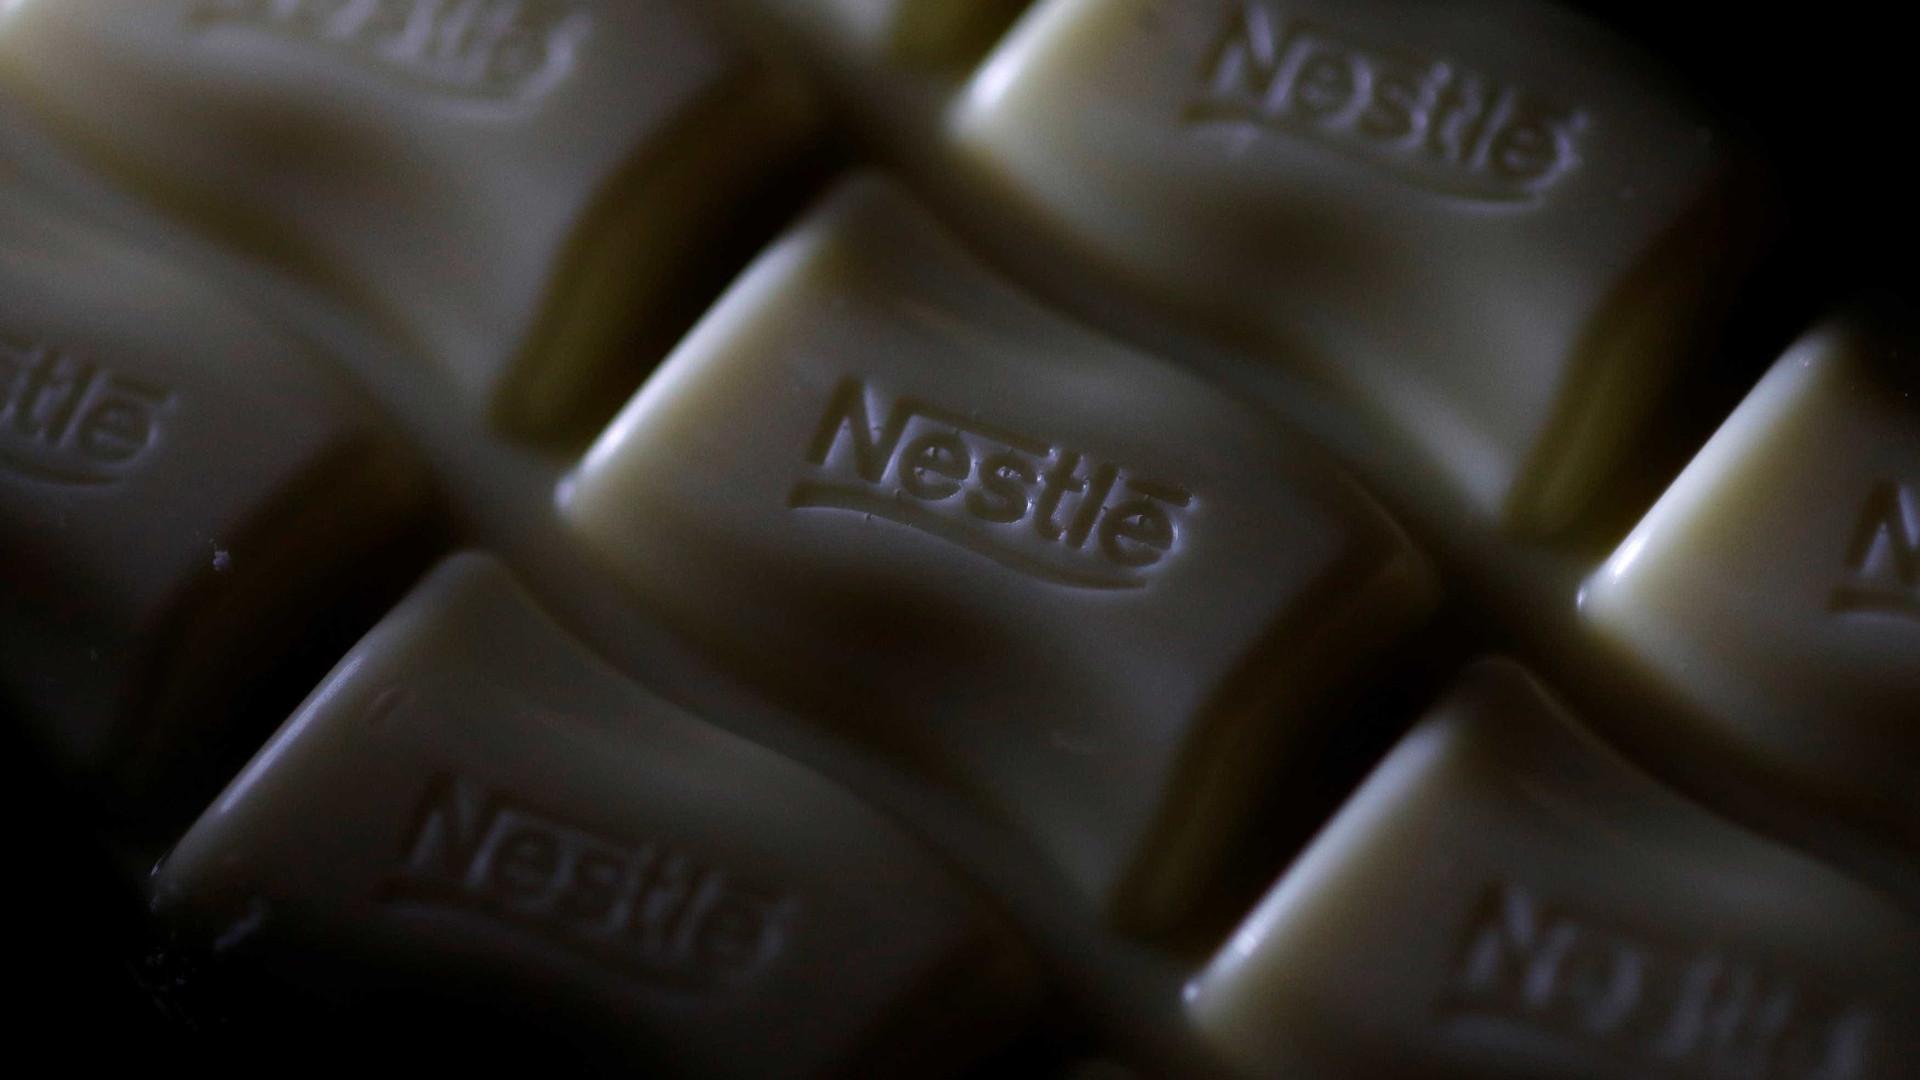 Nestlé é acusada de publicidade enganosa em leite para bebês